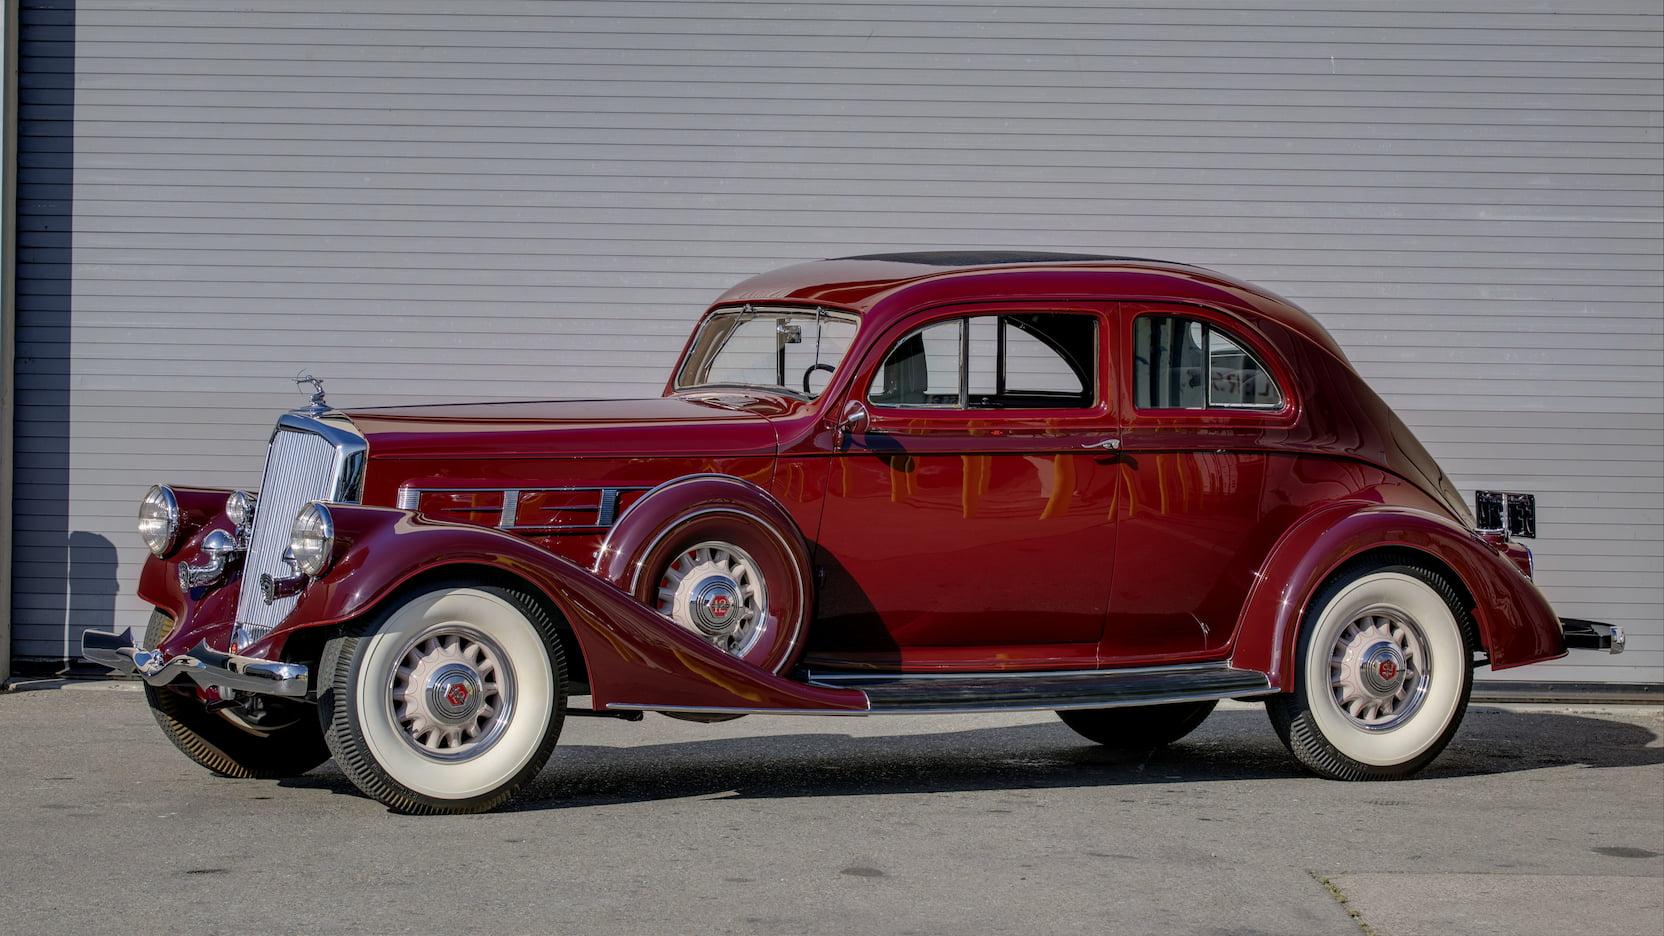 1935 Pierce-Arrow Model 1245 Silver Arrow